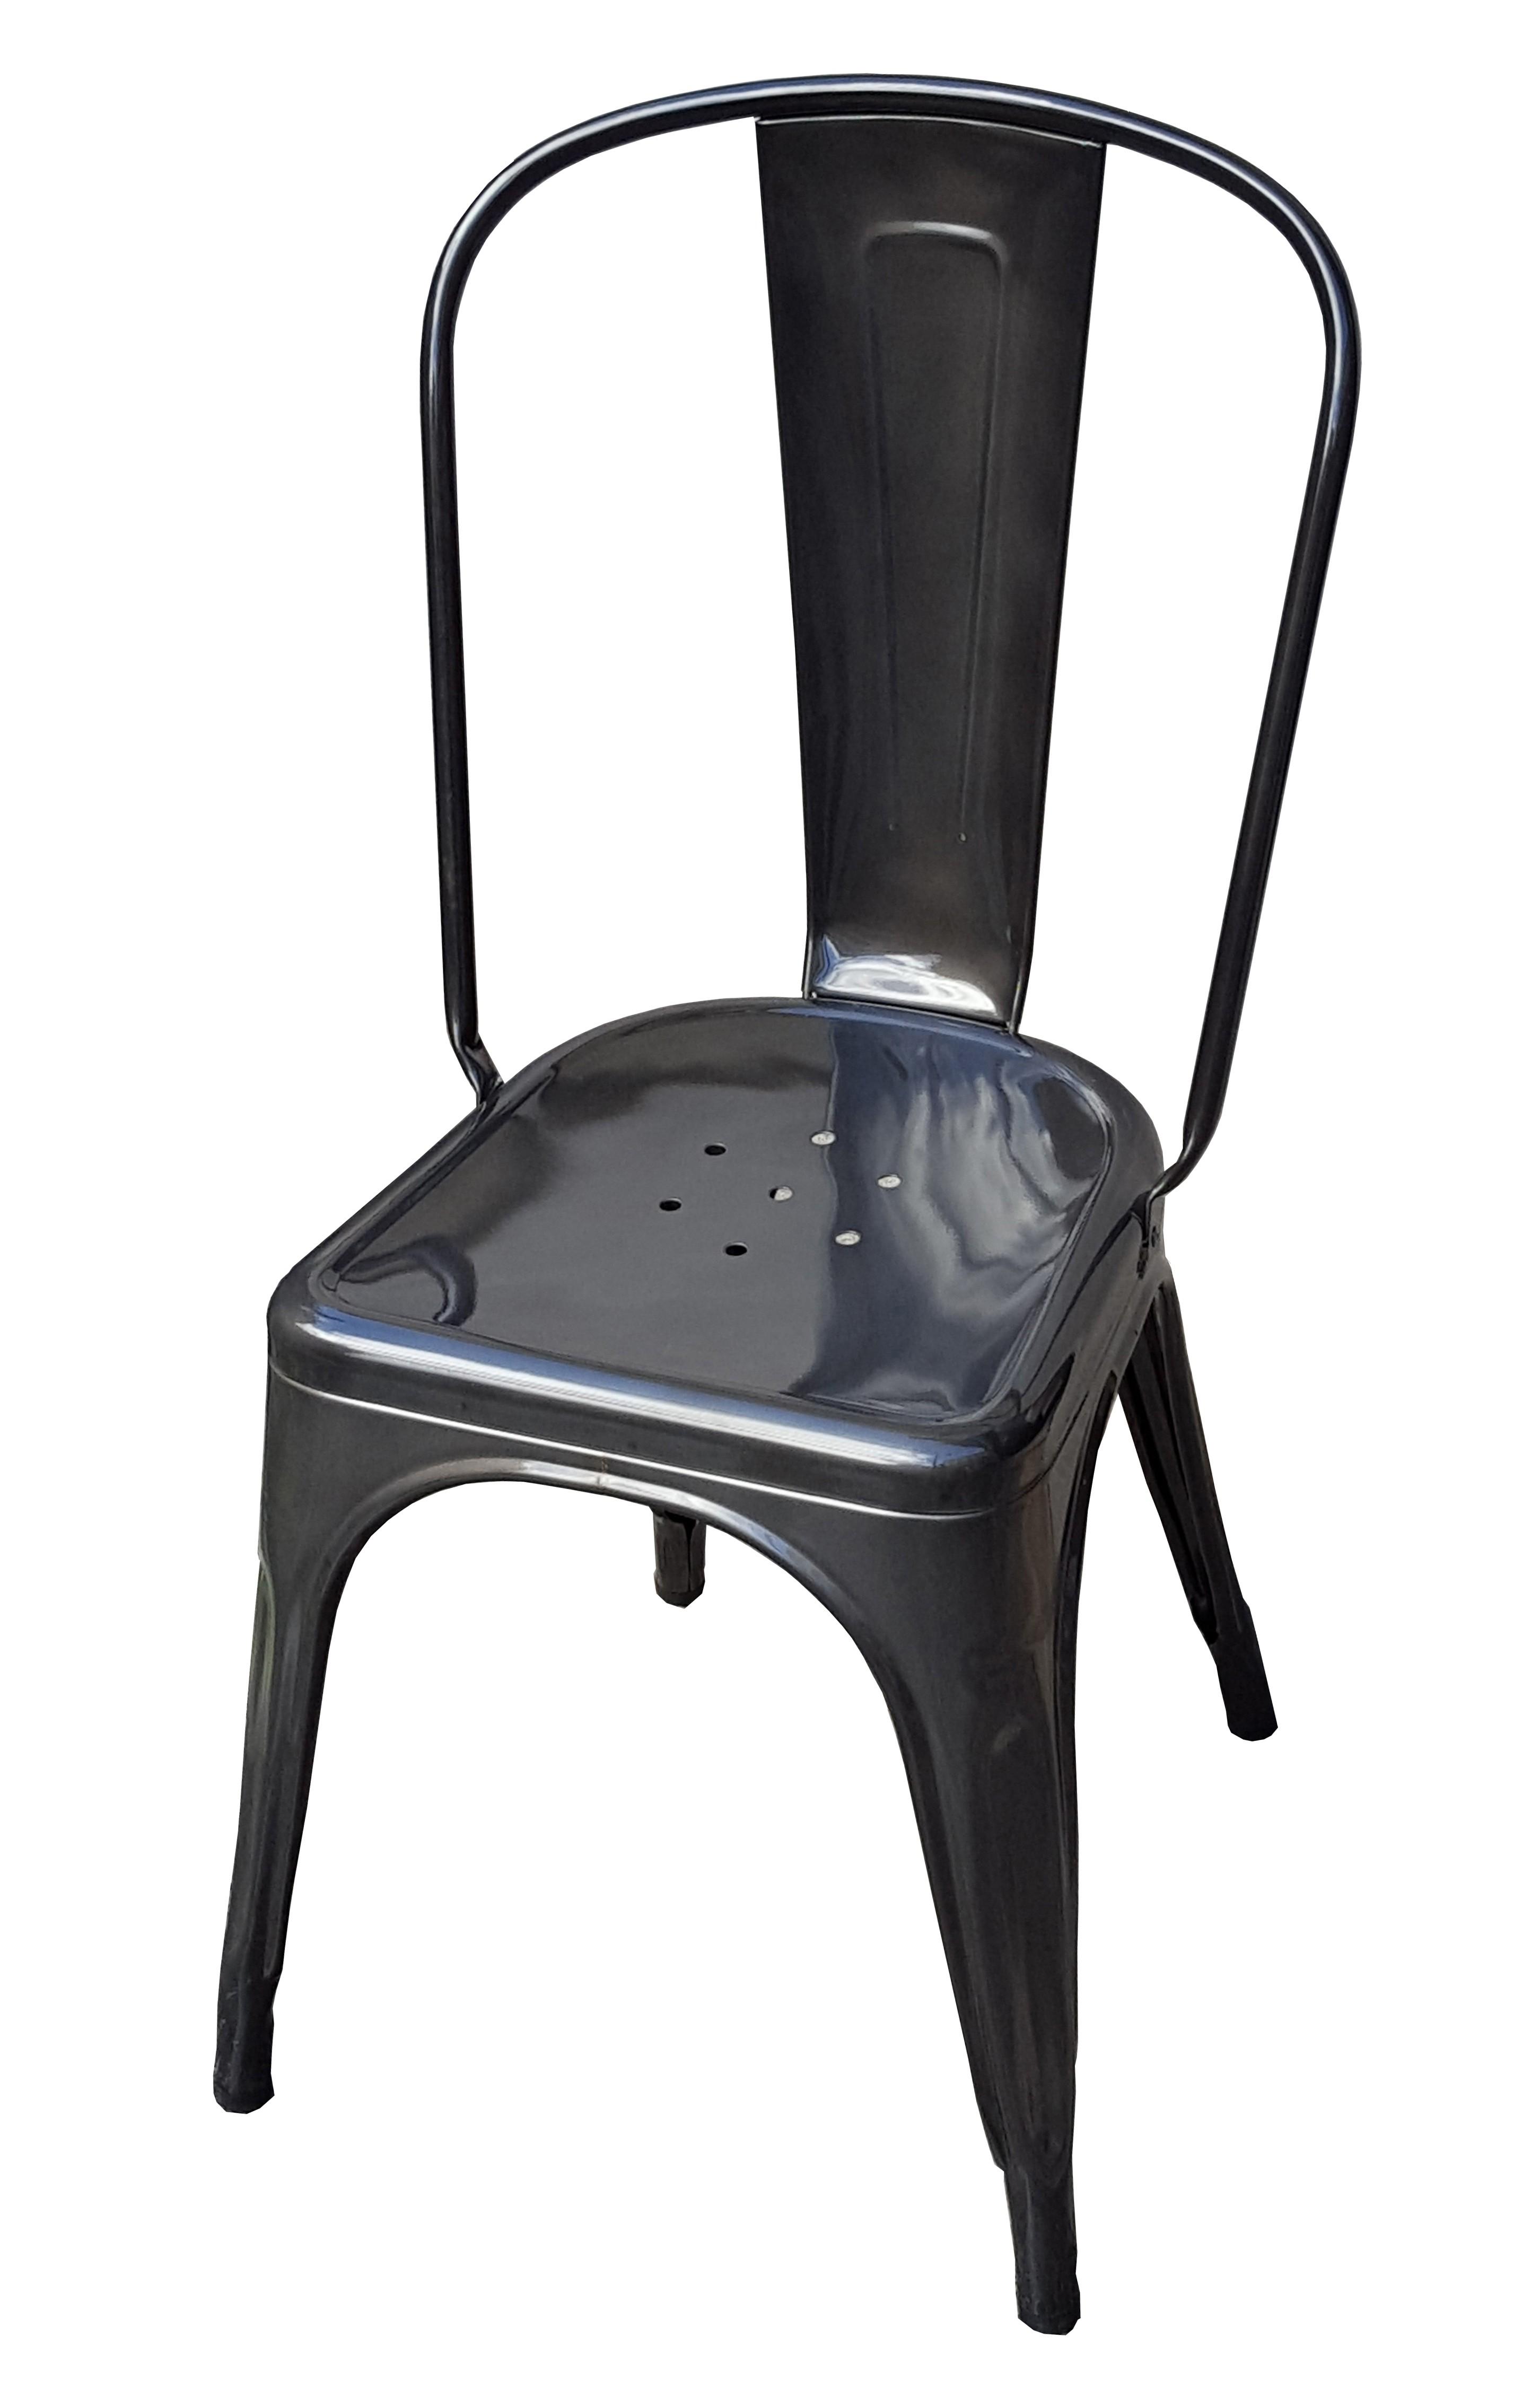 chaise a de tolix acier brut verni janvier 1. Black Bedroom Furniture Sets. Home Design Ideas